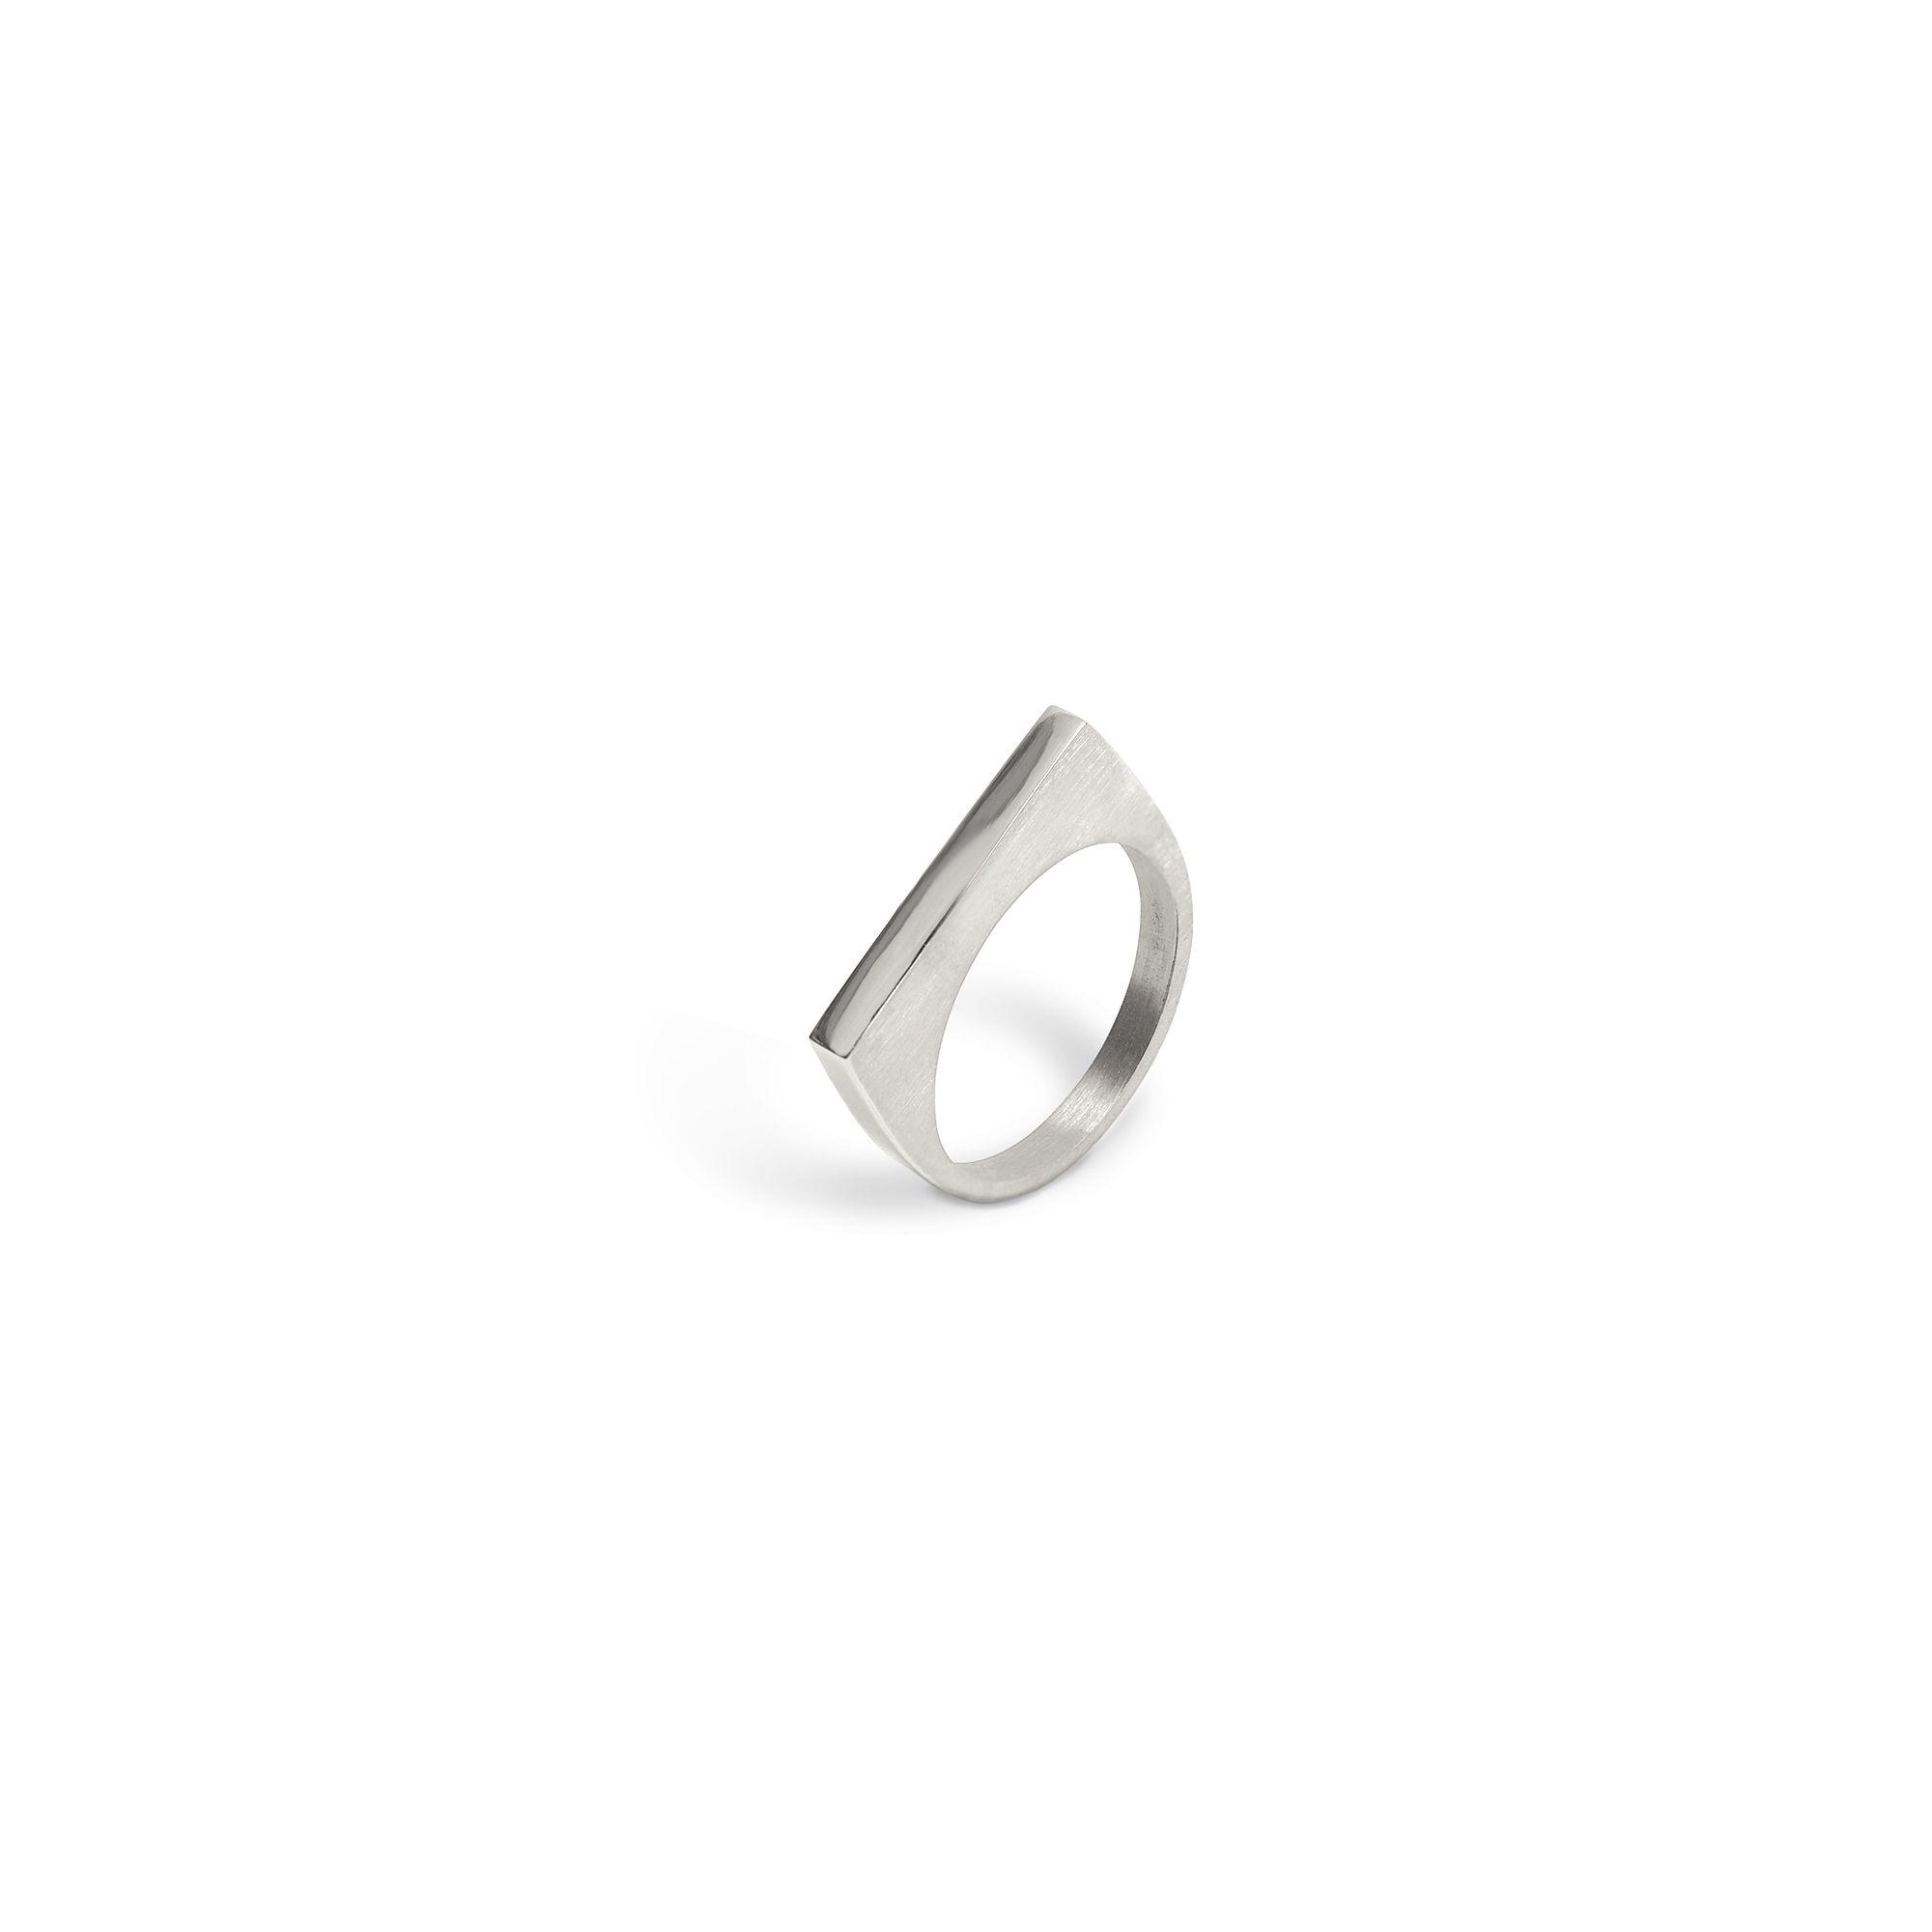 Modular 'Congiunzioni' square ring Silver ring